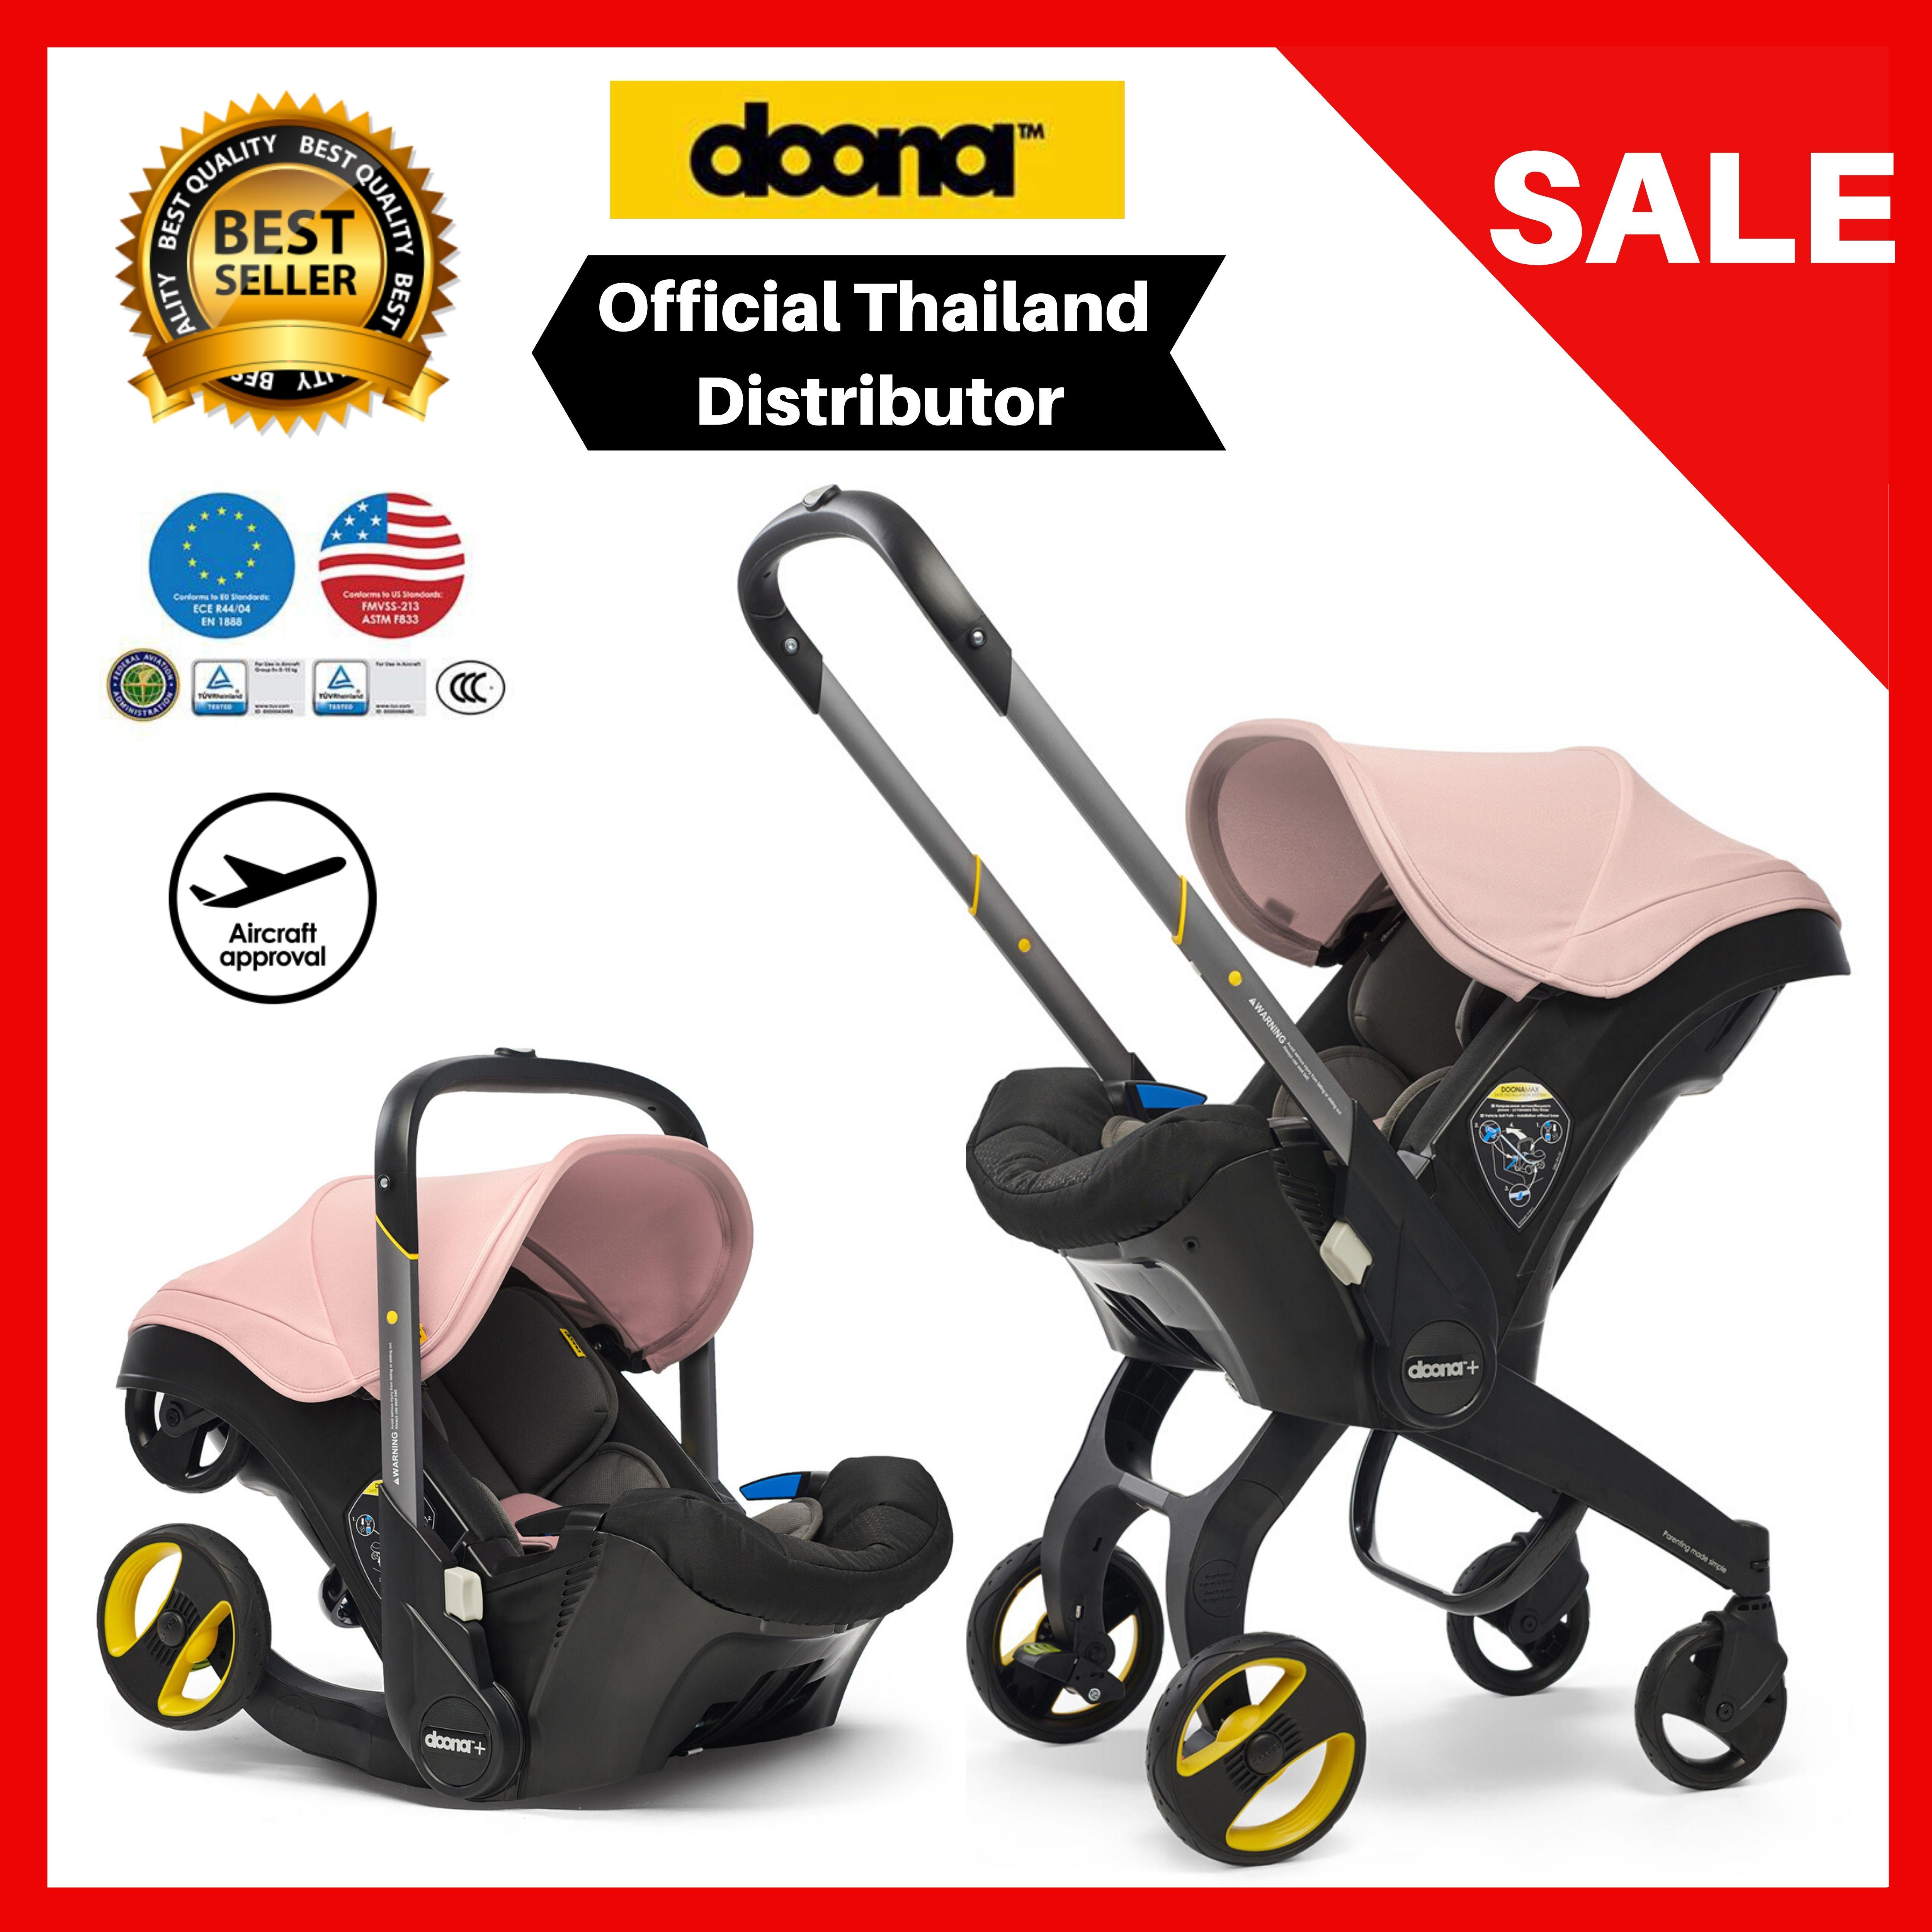 ราคา Doona รถเข็น คาร์ซีท ขายดี 4 in 1 สำหรับเด็กแรกเกิด Baby Car Seat to Stroller